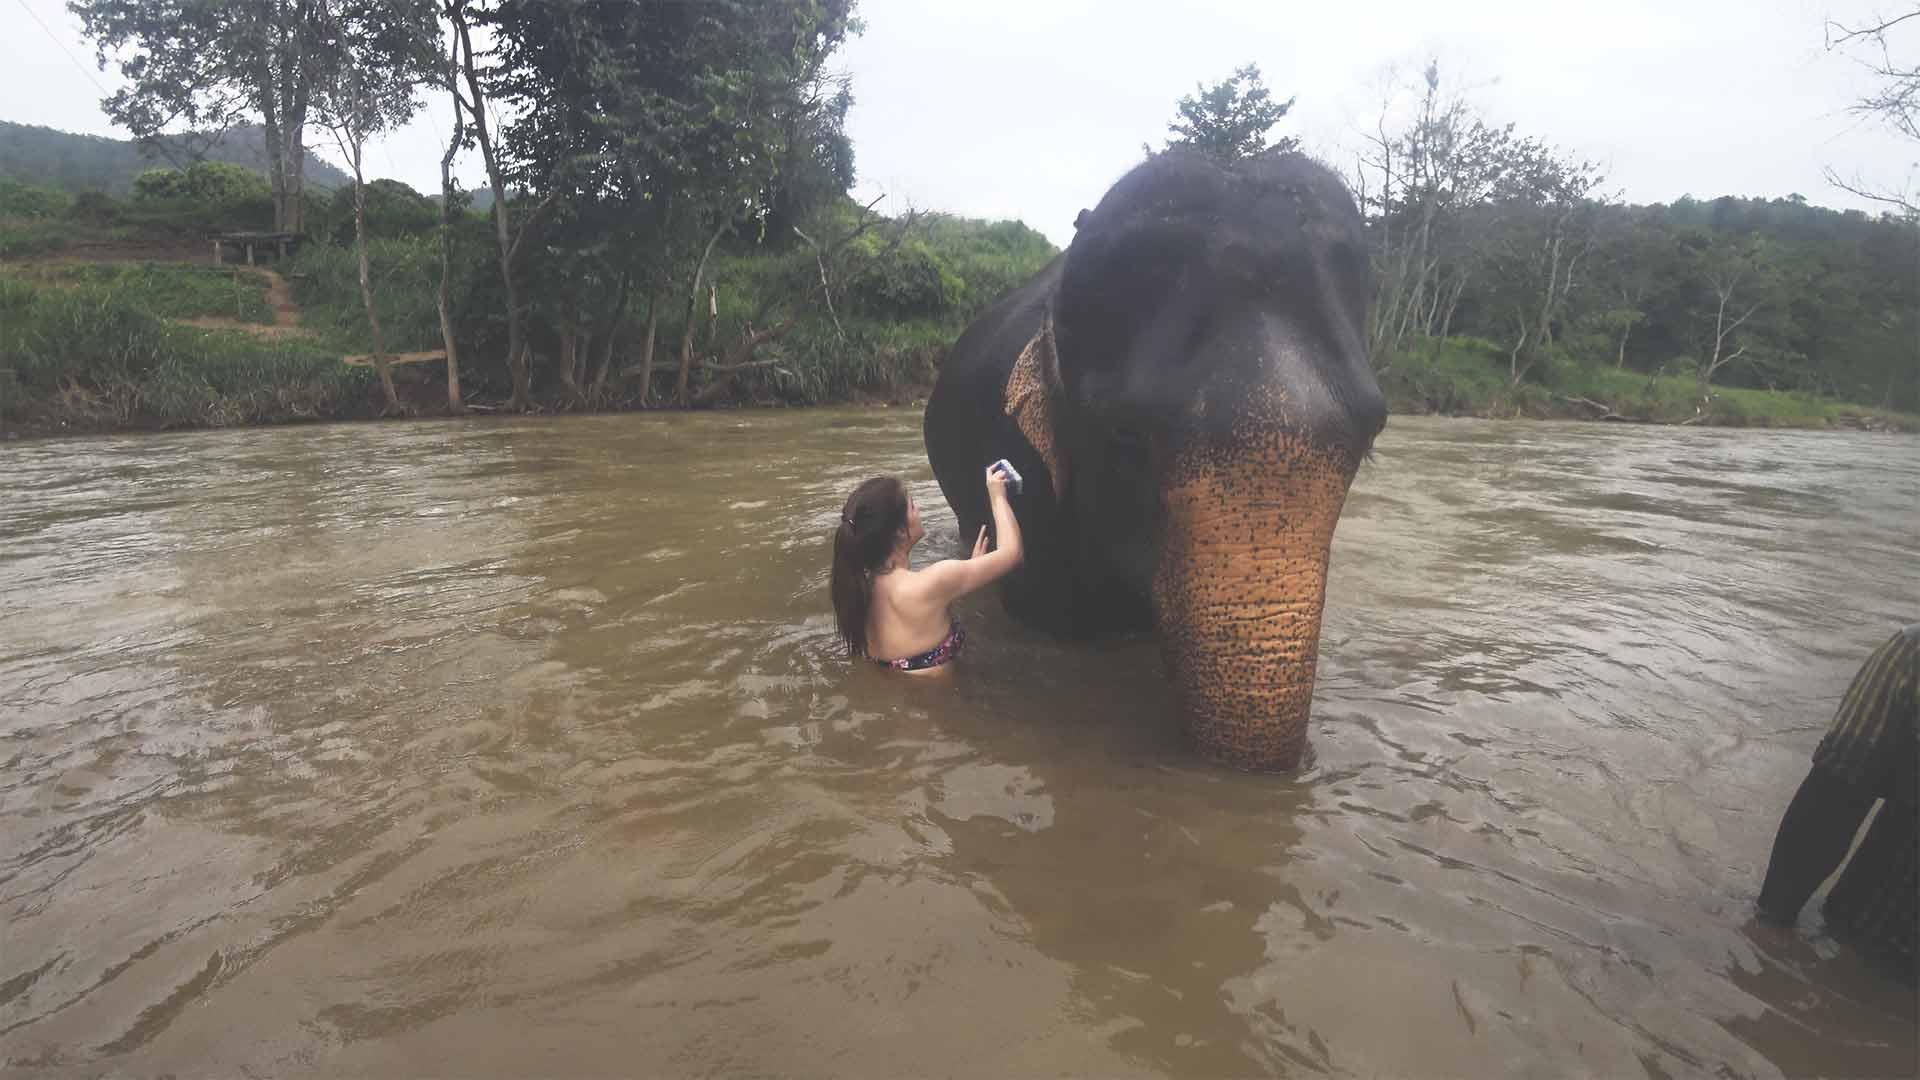 Elefantentour - Chiang Mai Mountain Sanctuary - Jasmin im Fluss mit einem Elefanten - mit Elefanten baden und diese waschen